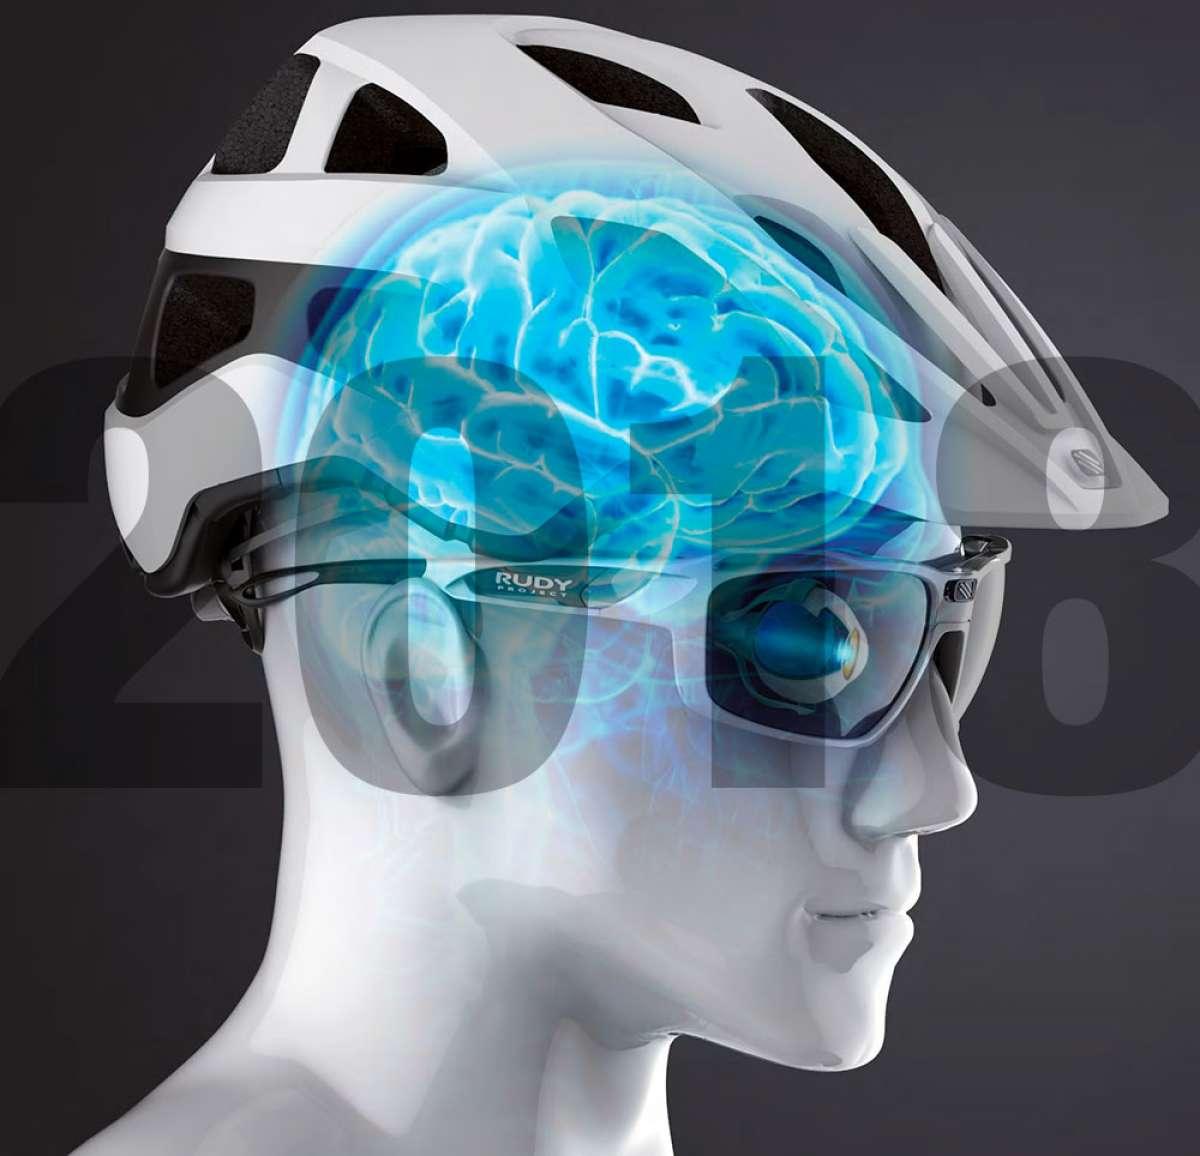 Catálogo de Rudy Project 2018. Toda la gama de gafas y cascos Rudy Project para la temporada 2018